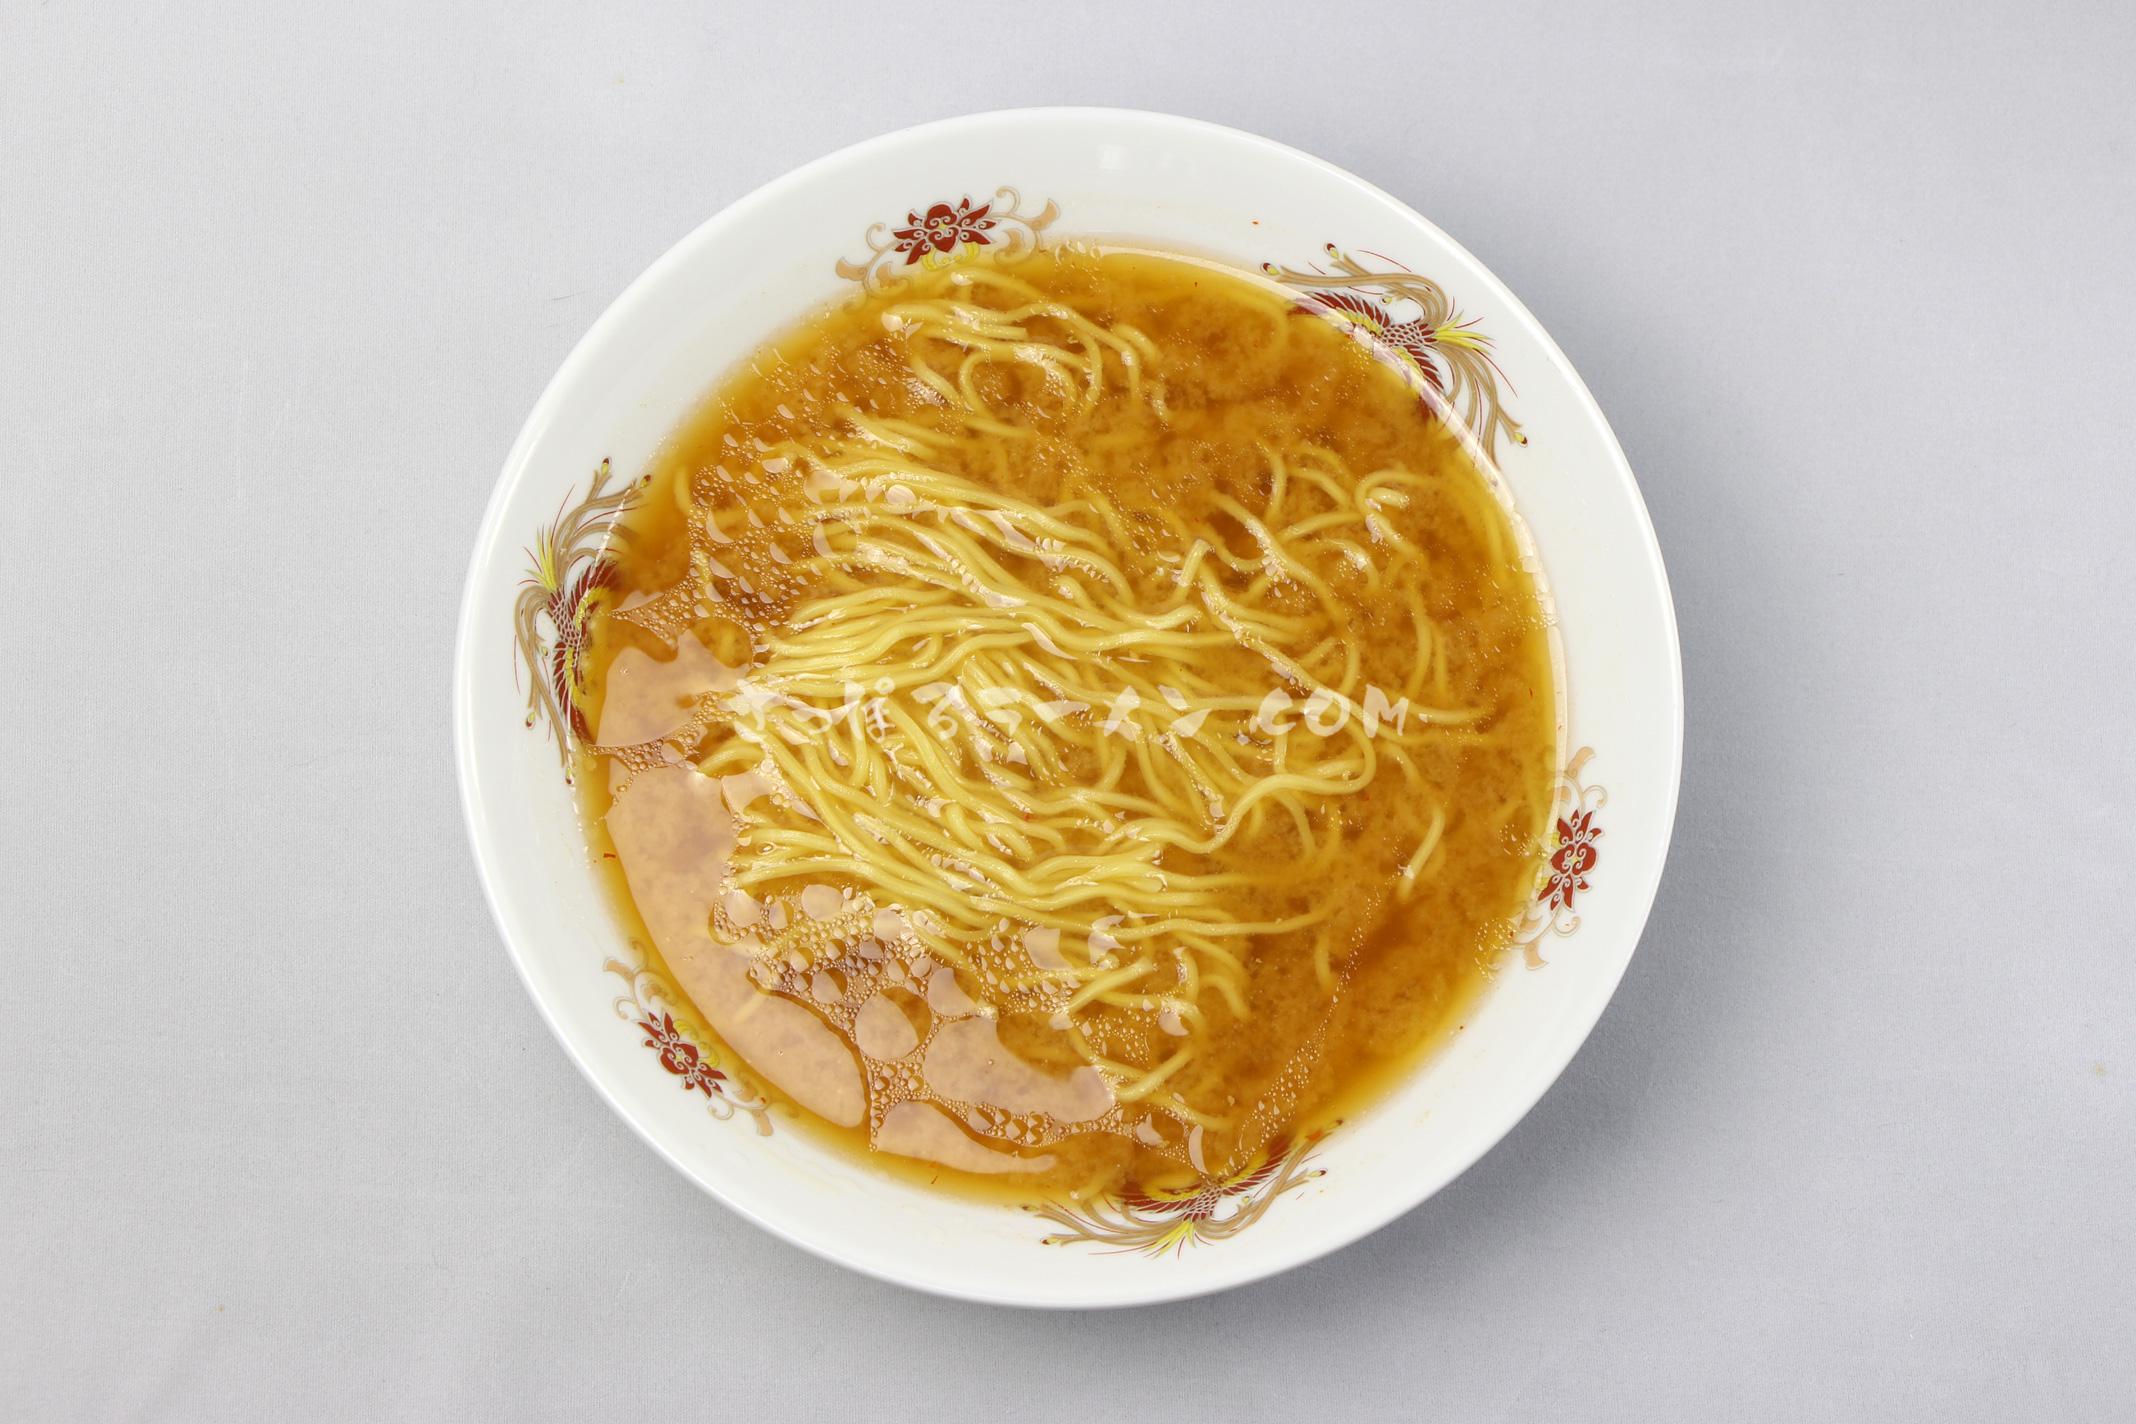 「昭和40年 北海道みそラーメン 」(藤原製麺)の完成画像